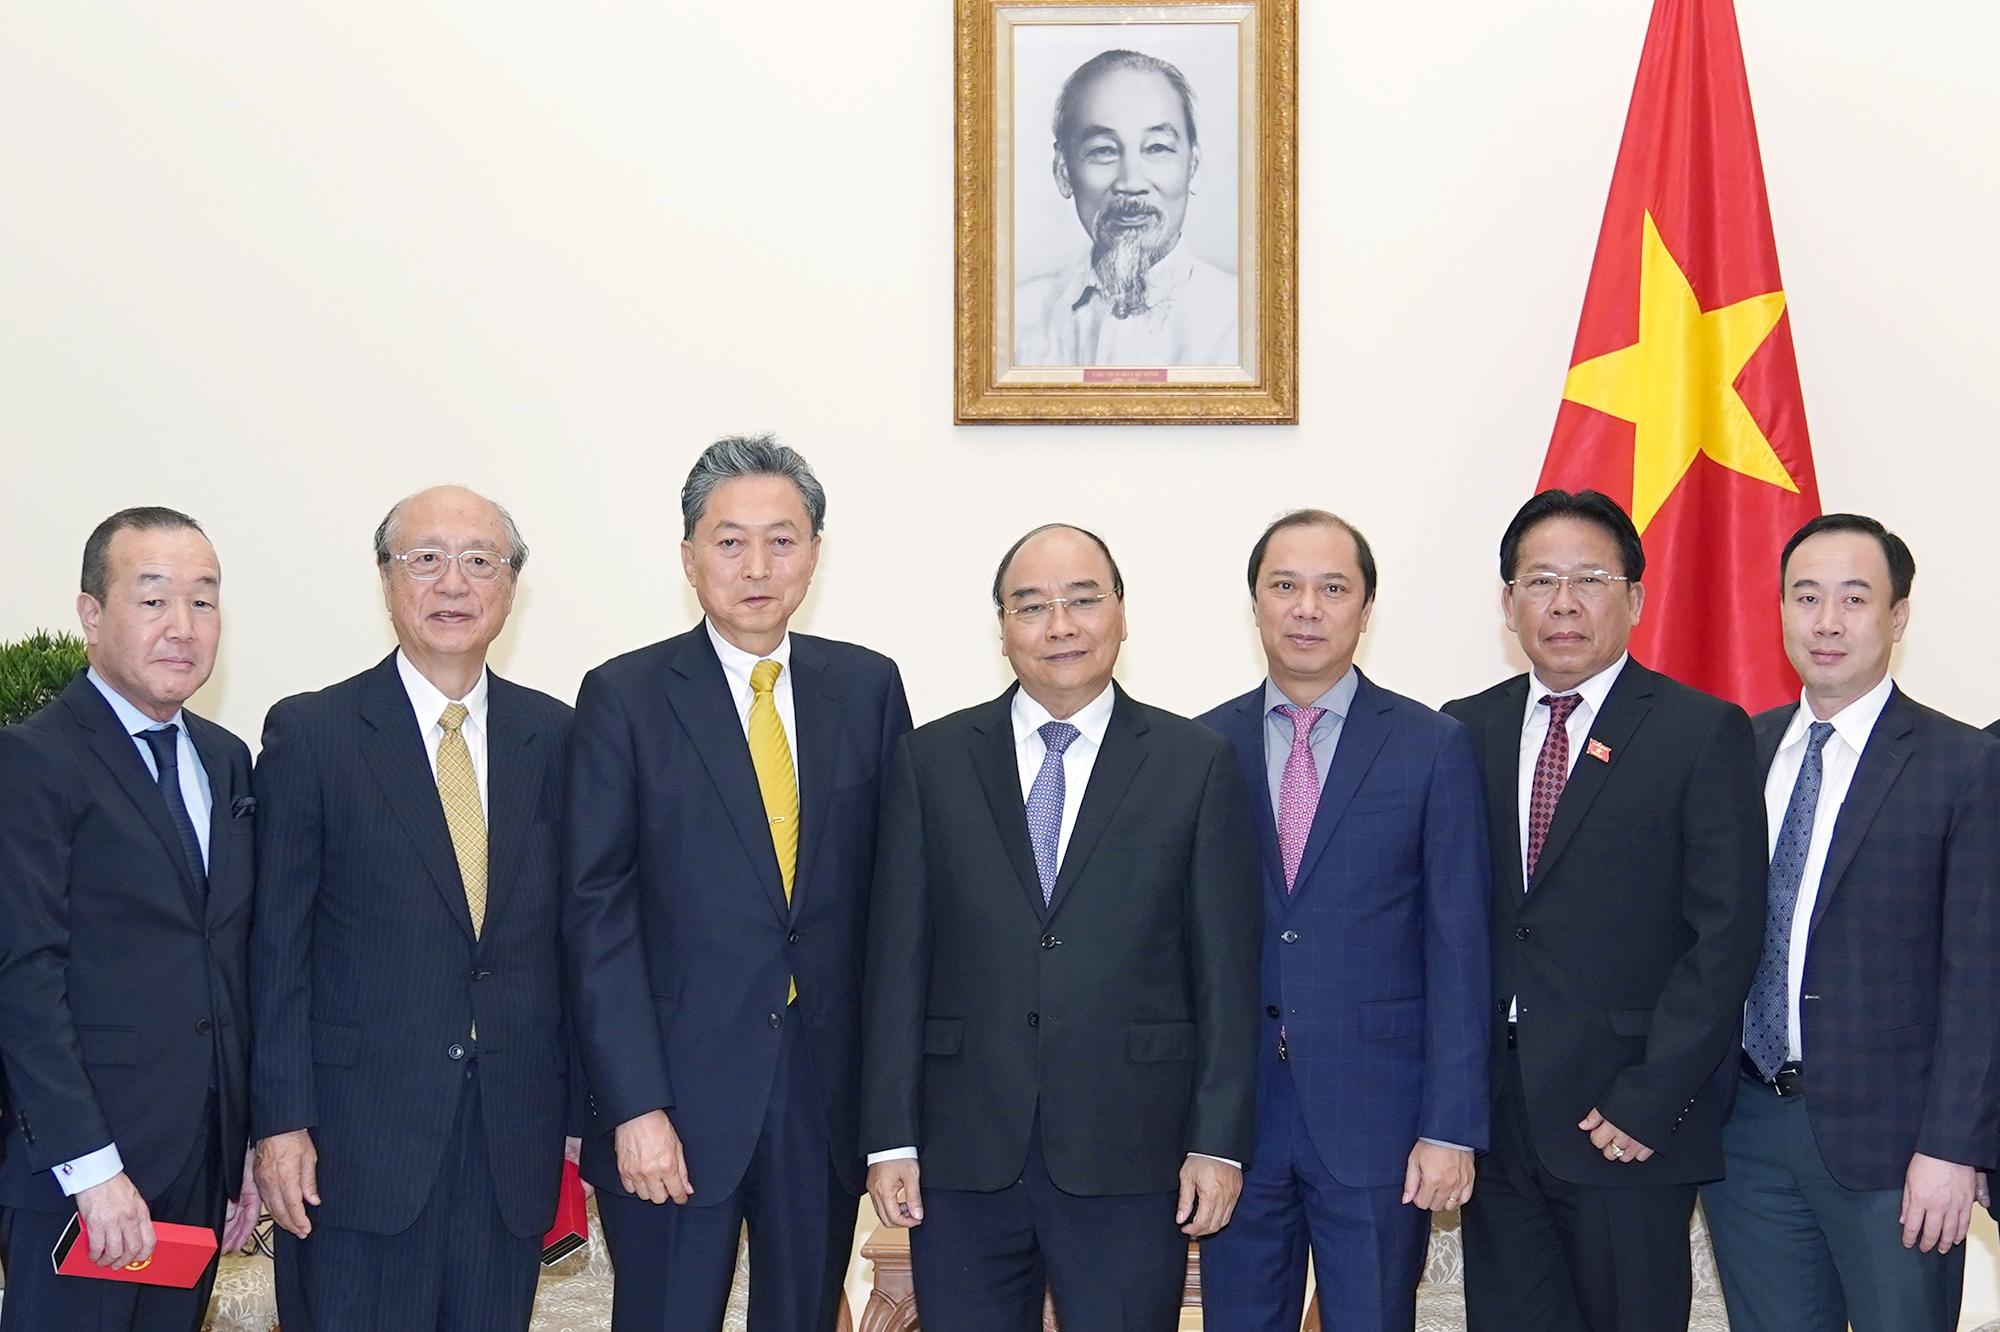 Thúc đẩy hợp tác Việt Nam - Nhật Bản trong nhiều lĩnh vực